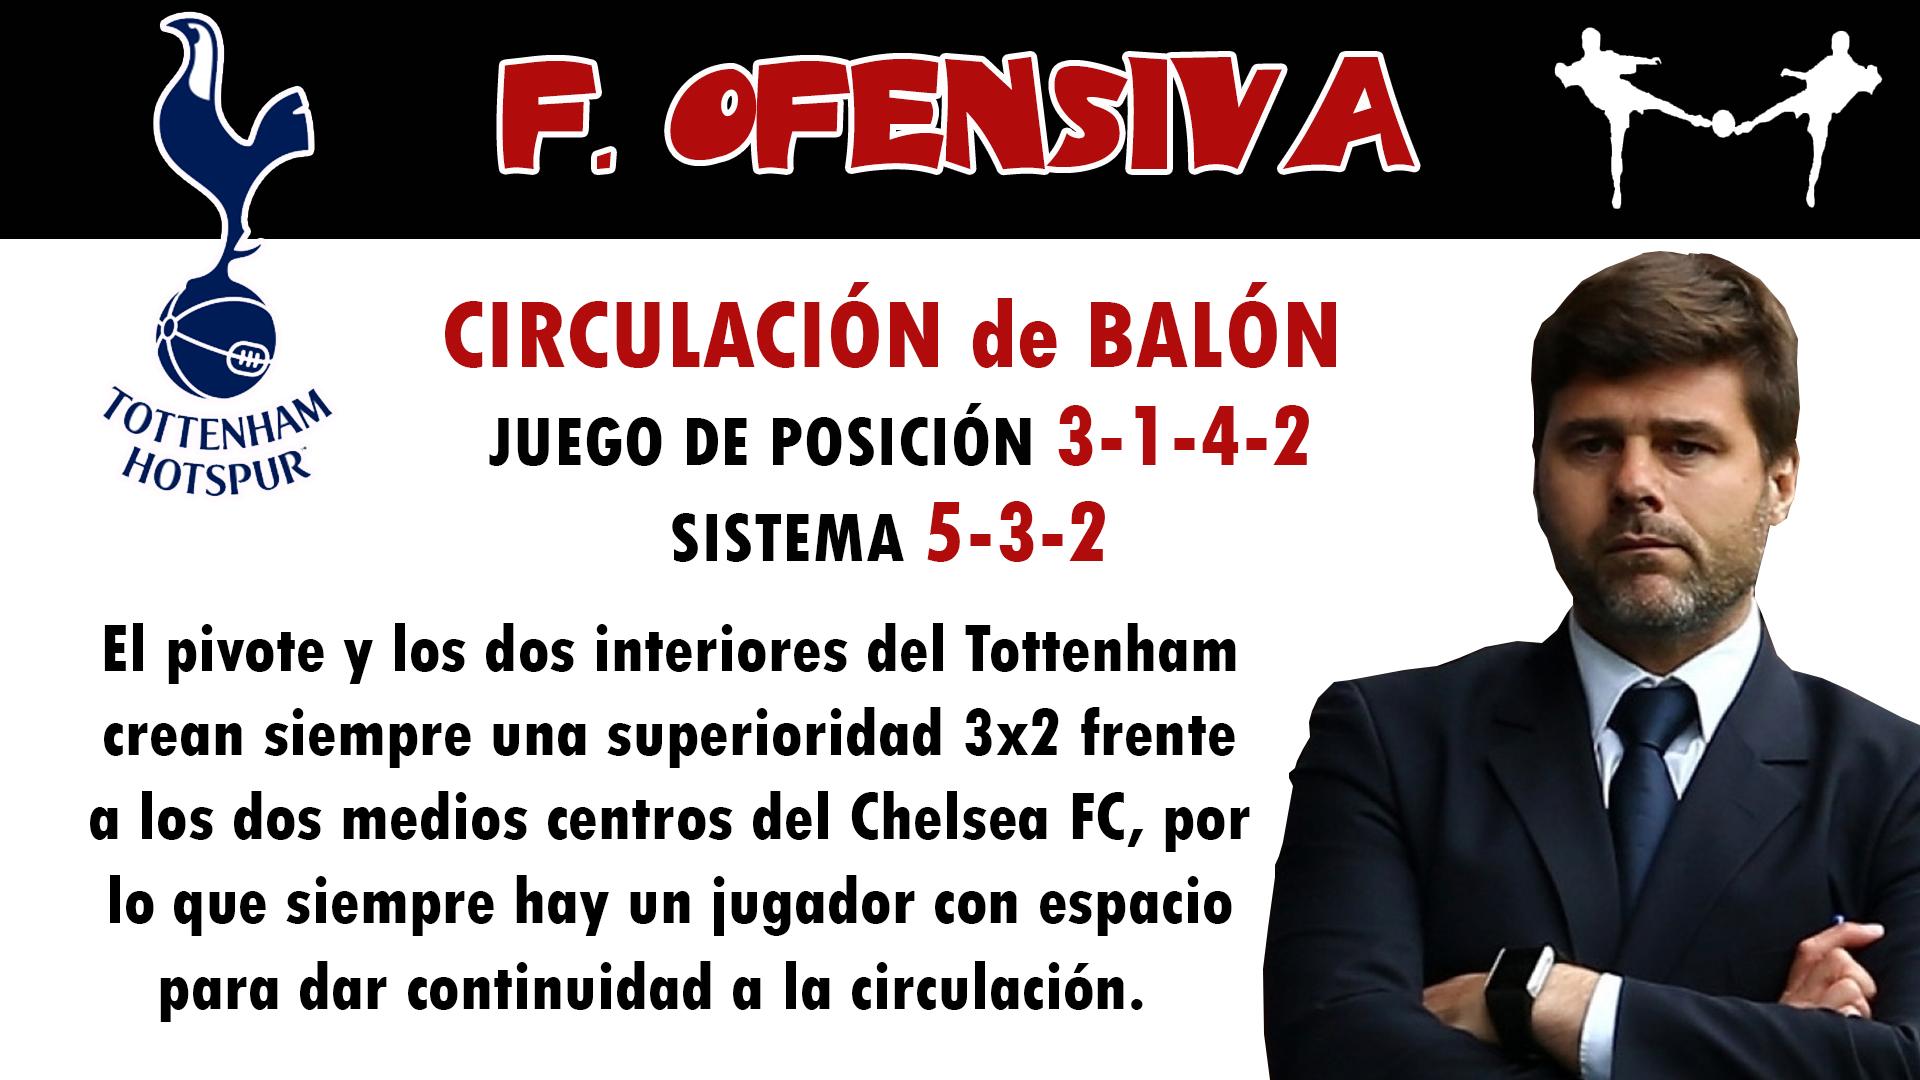 Tottenham Spurs Pochettino futbolcarrasco analisis tactico